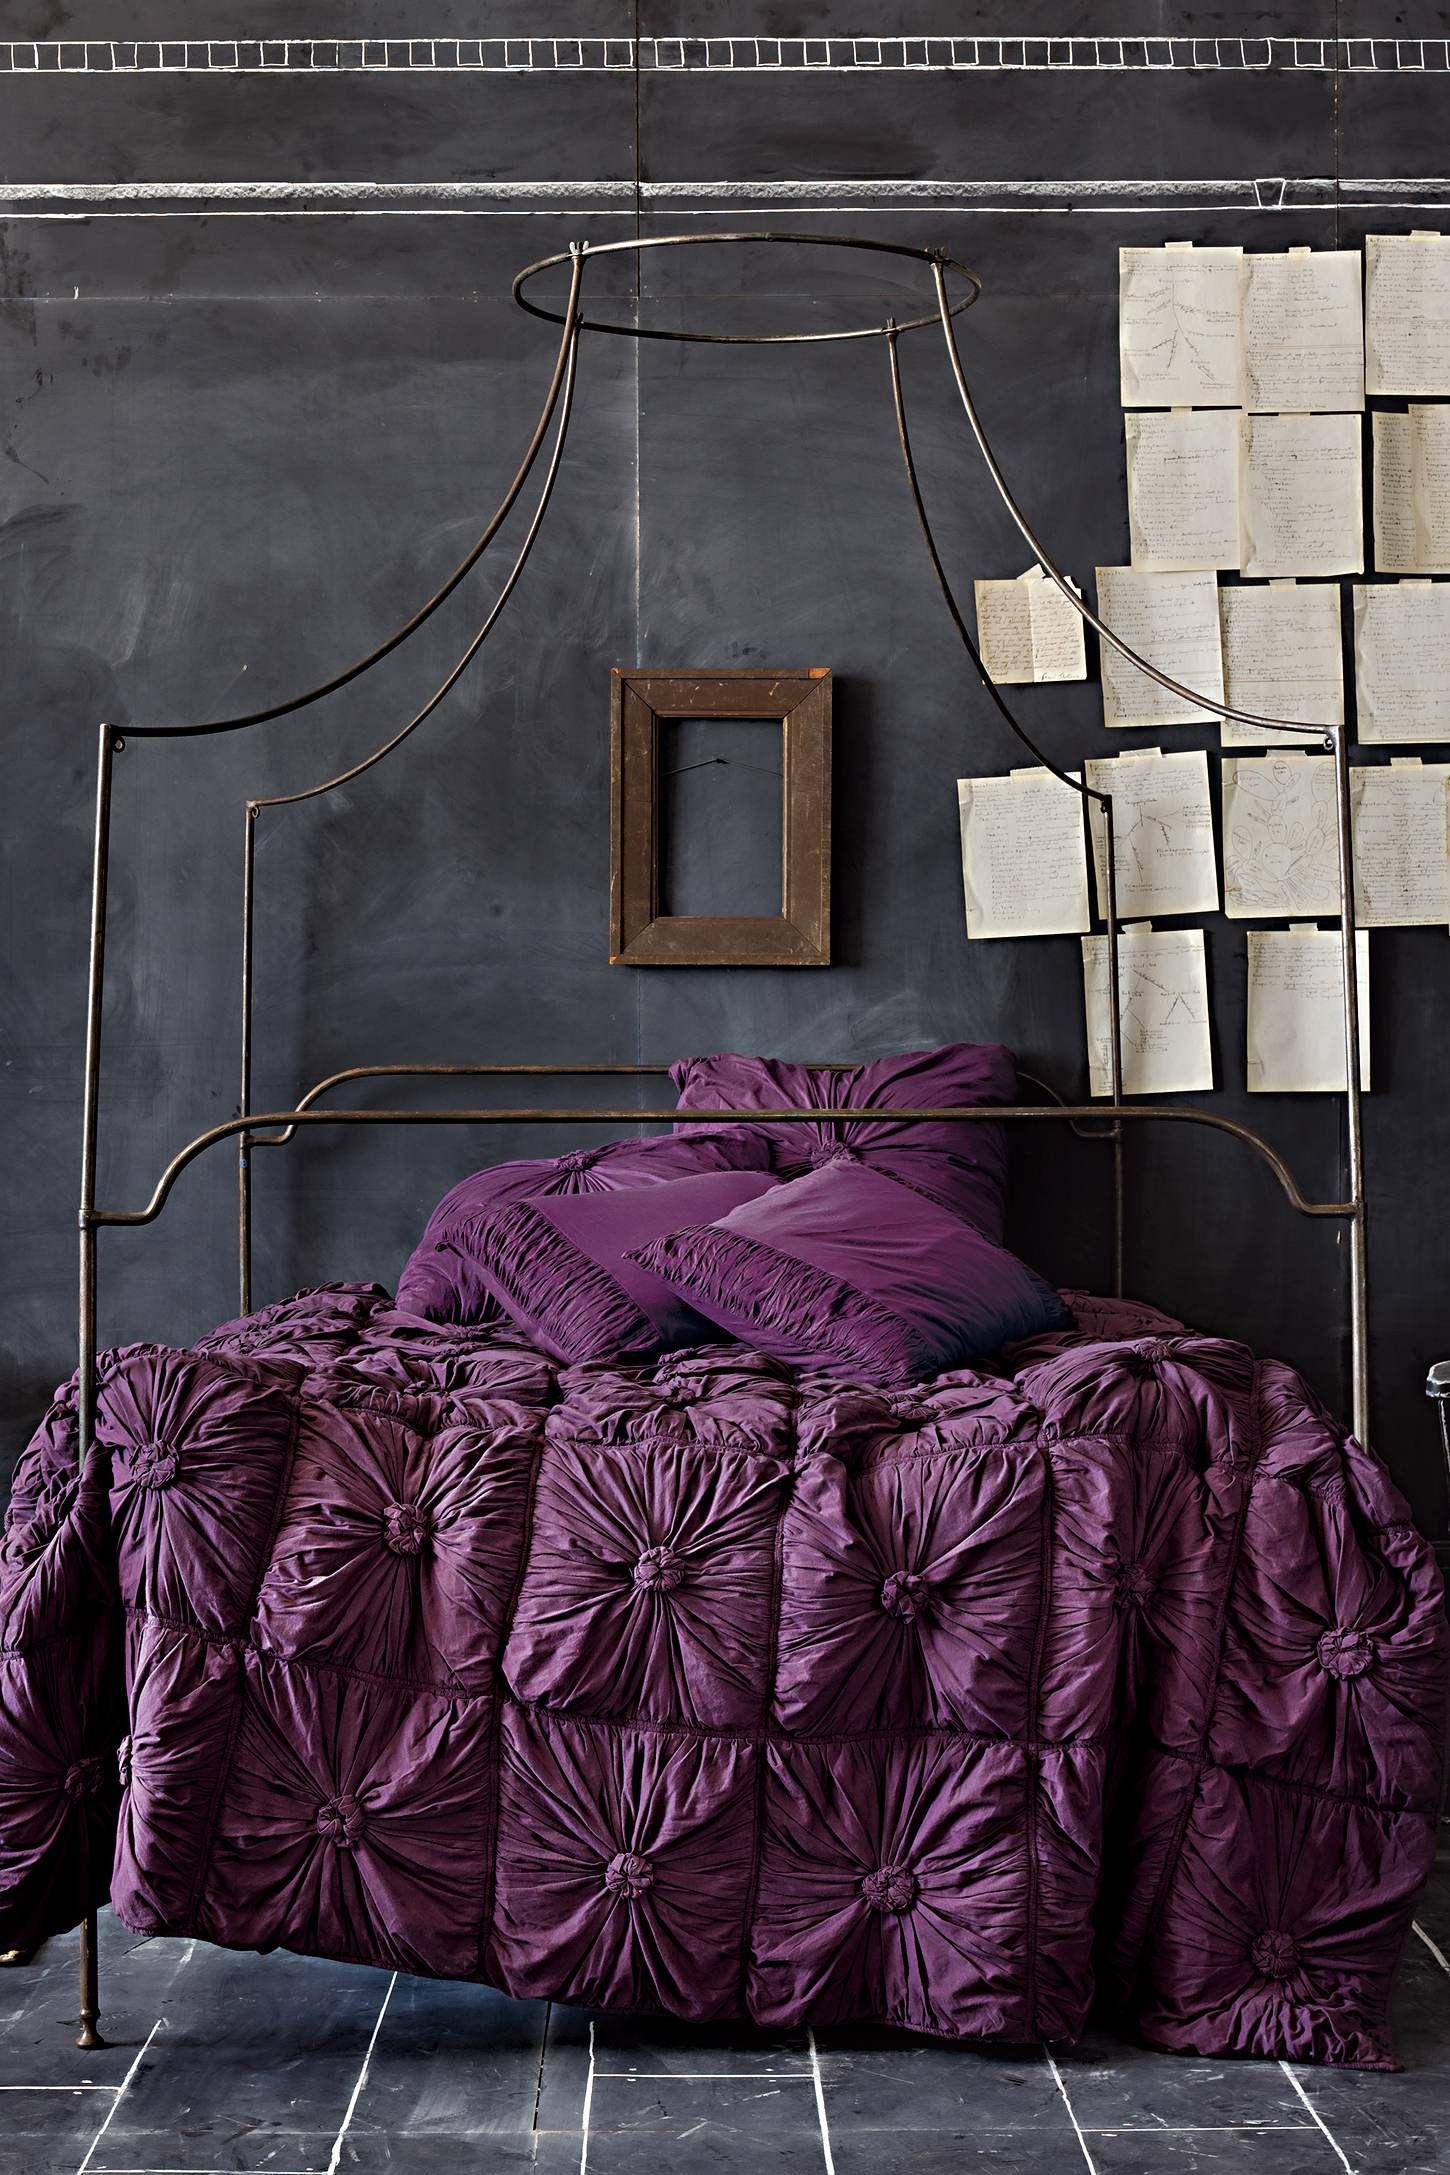 Épinglé par MoNDe De FaB sur ChaMBre  Lit violet, Deco chambre et